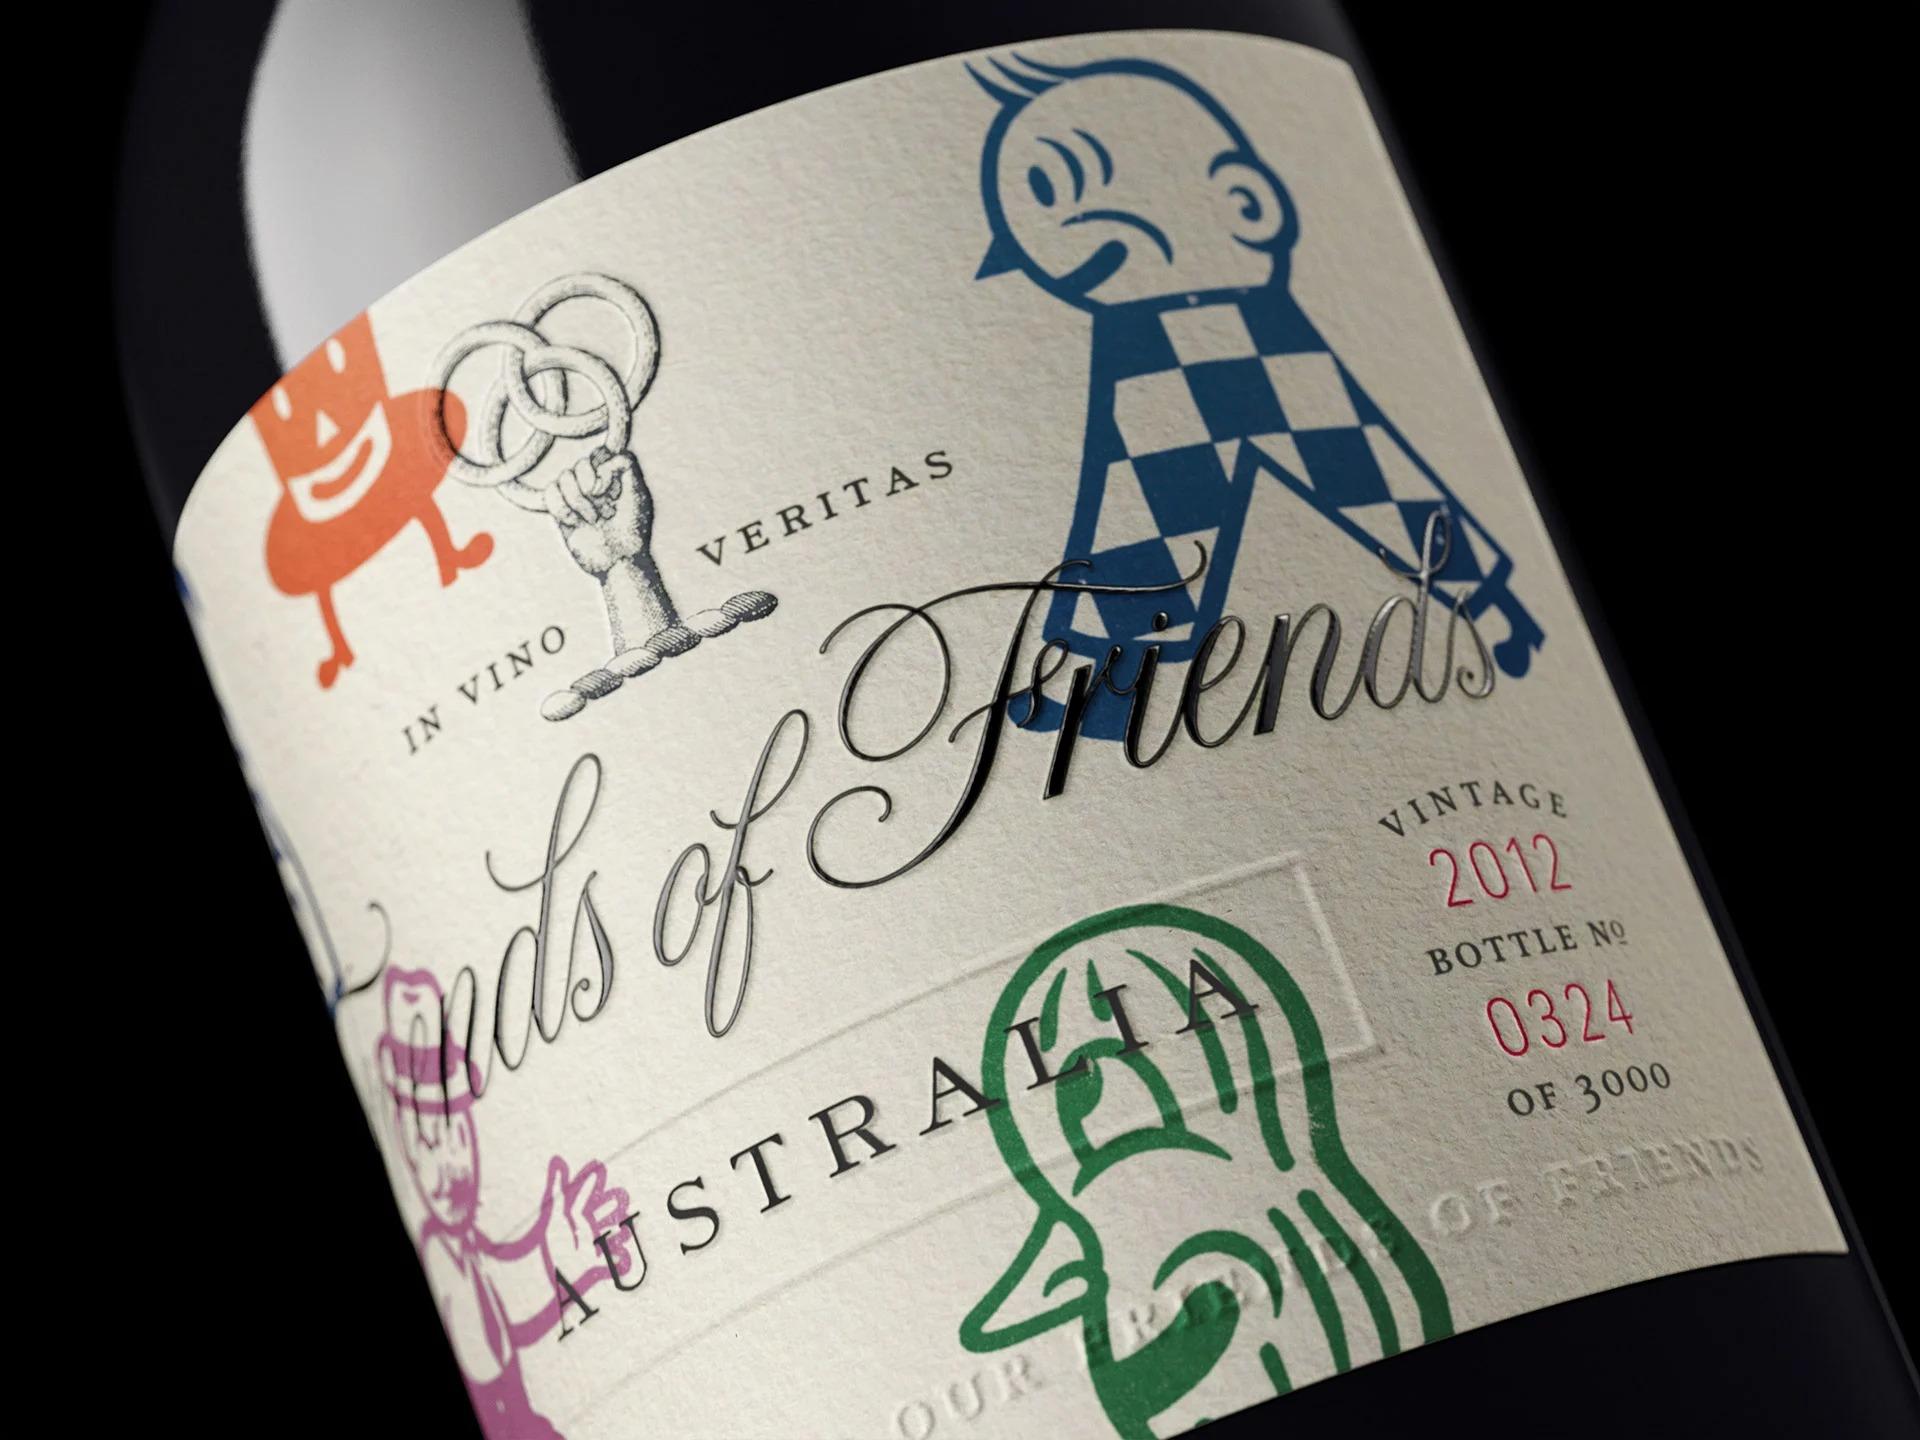 澳大利亚工作室Co-Partnership酒包装设计